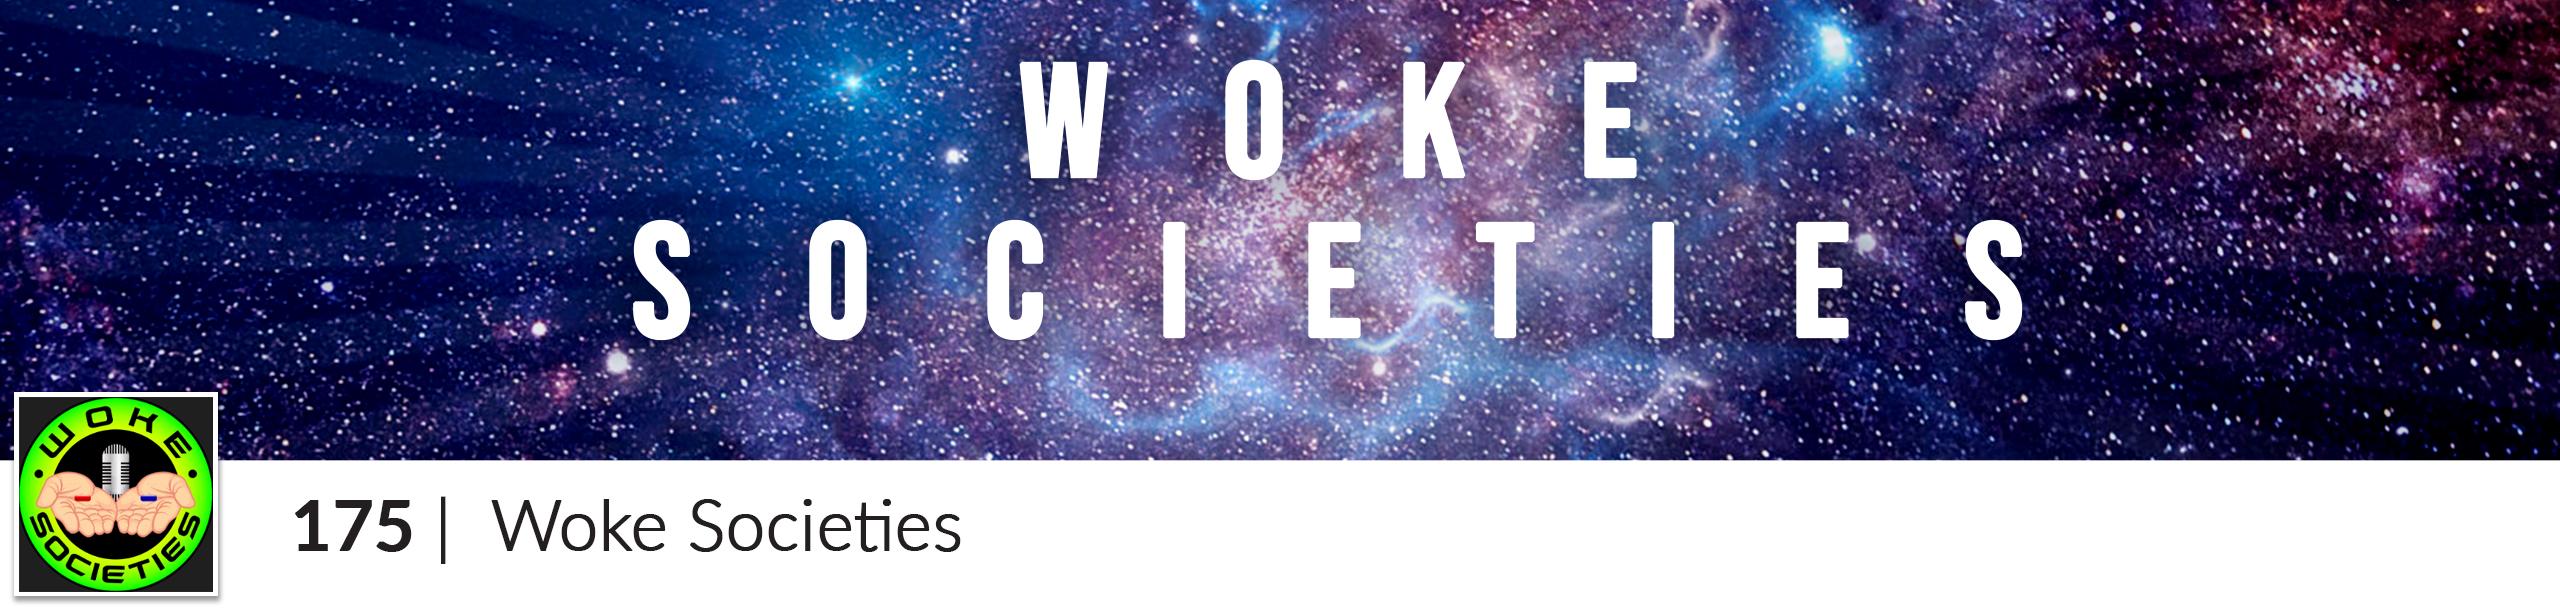 WokeSocieties_header1